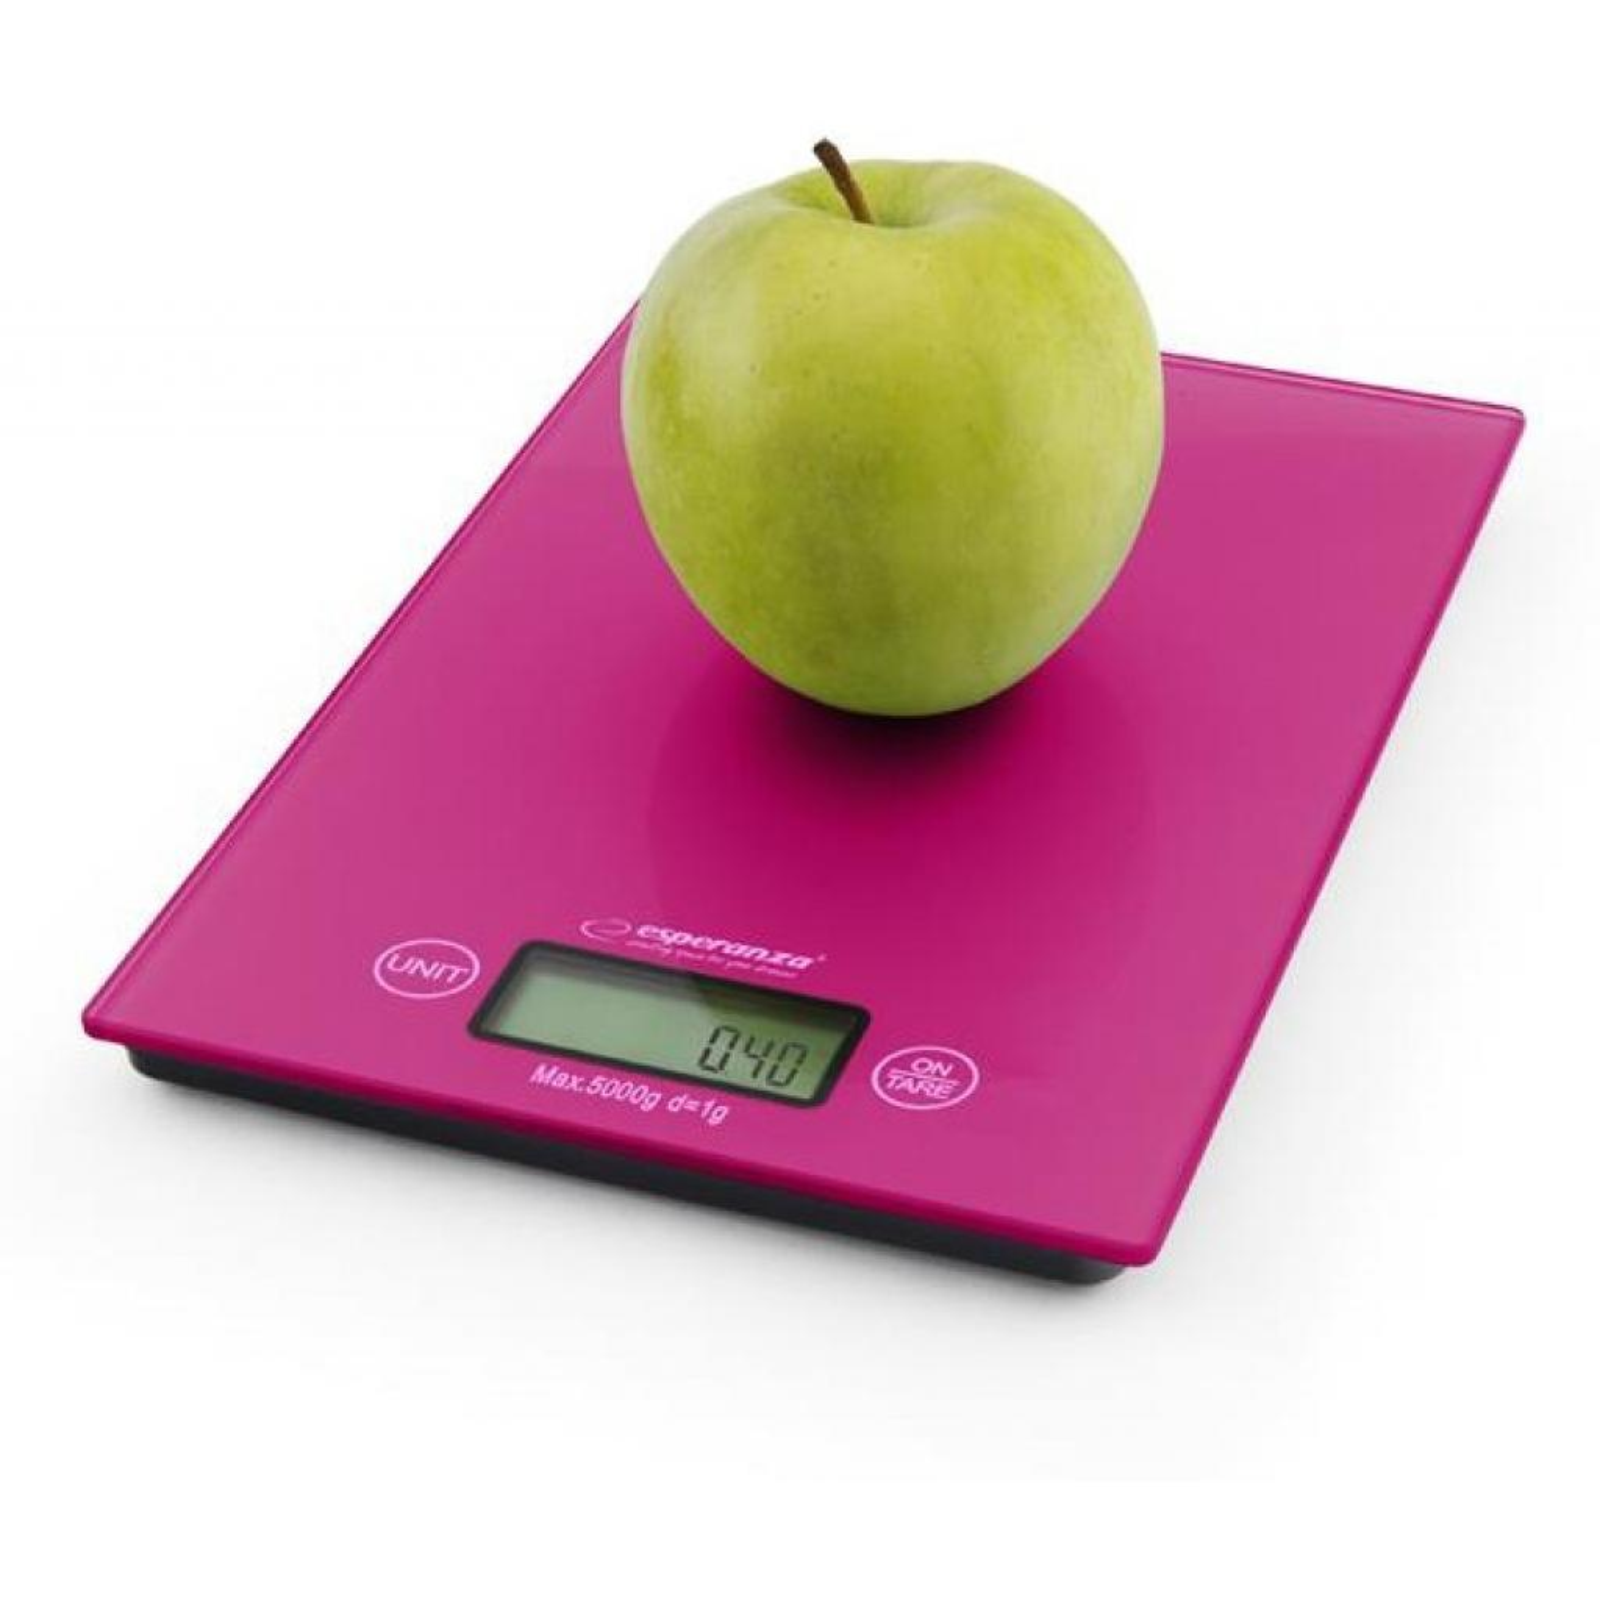 Весы кухонные Esperanza EKS 002 P (EKS002P) изображение 2